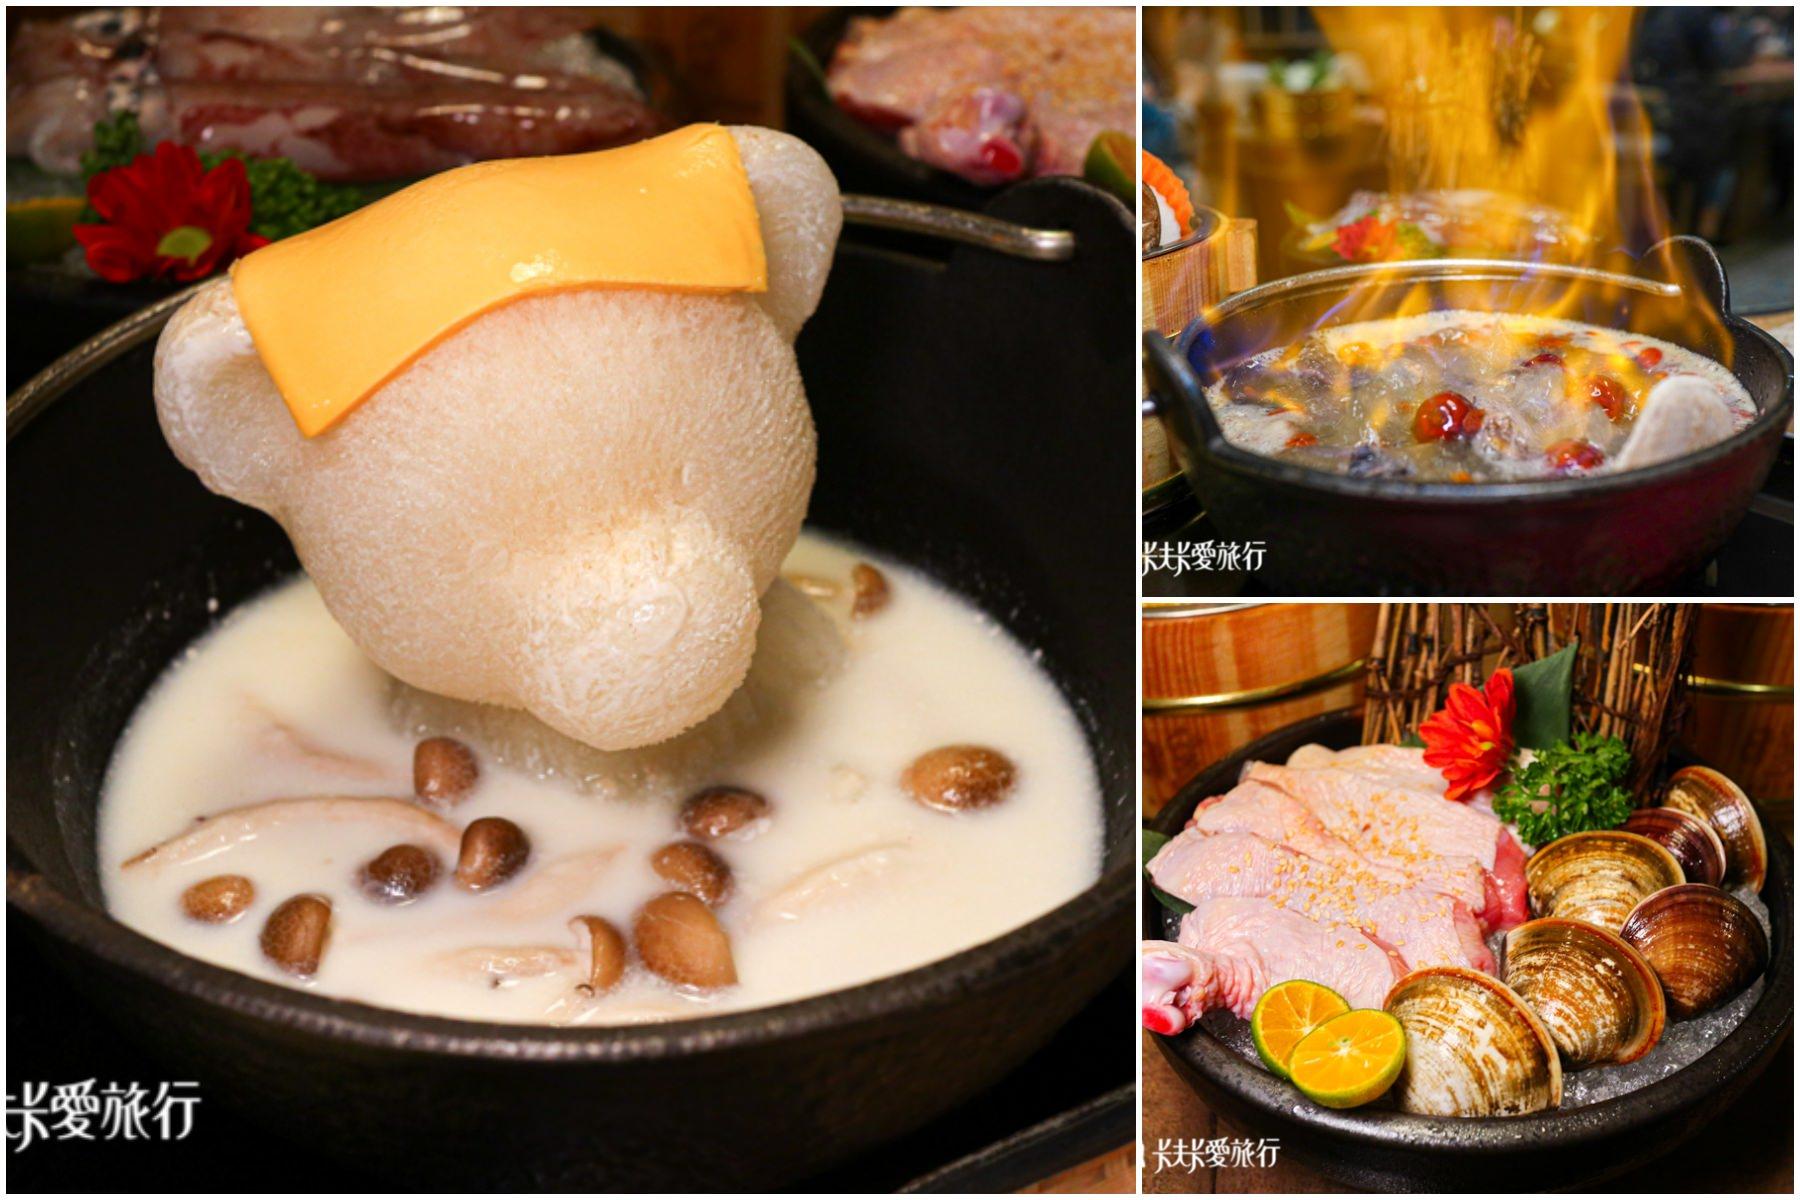 【基隆火鍋】暖鍋物|牛奶起司熊熊鍋×噴火燒酒雞鍋!宵夜深夜食堂品嘗肥美海鮮